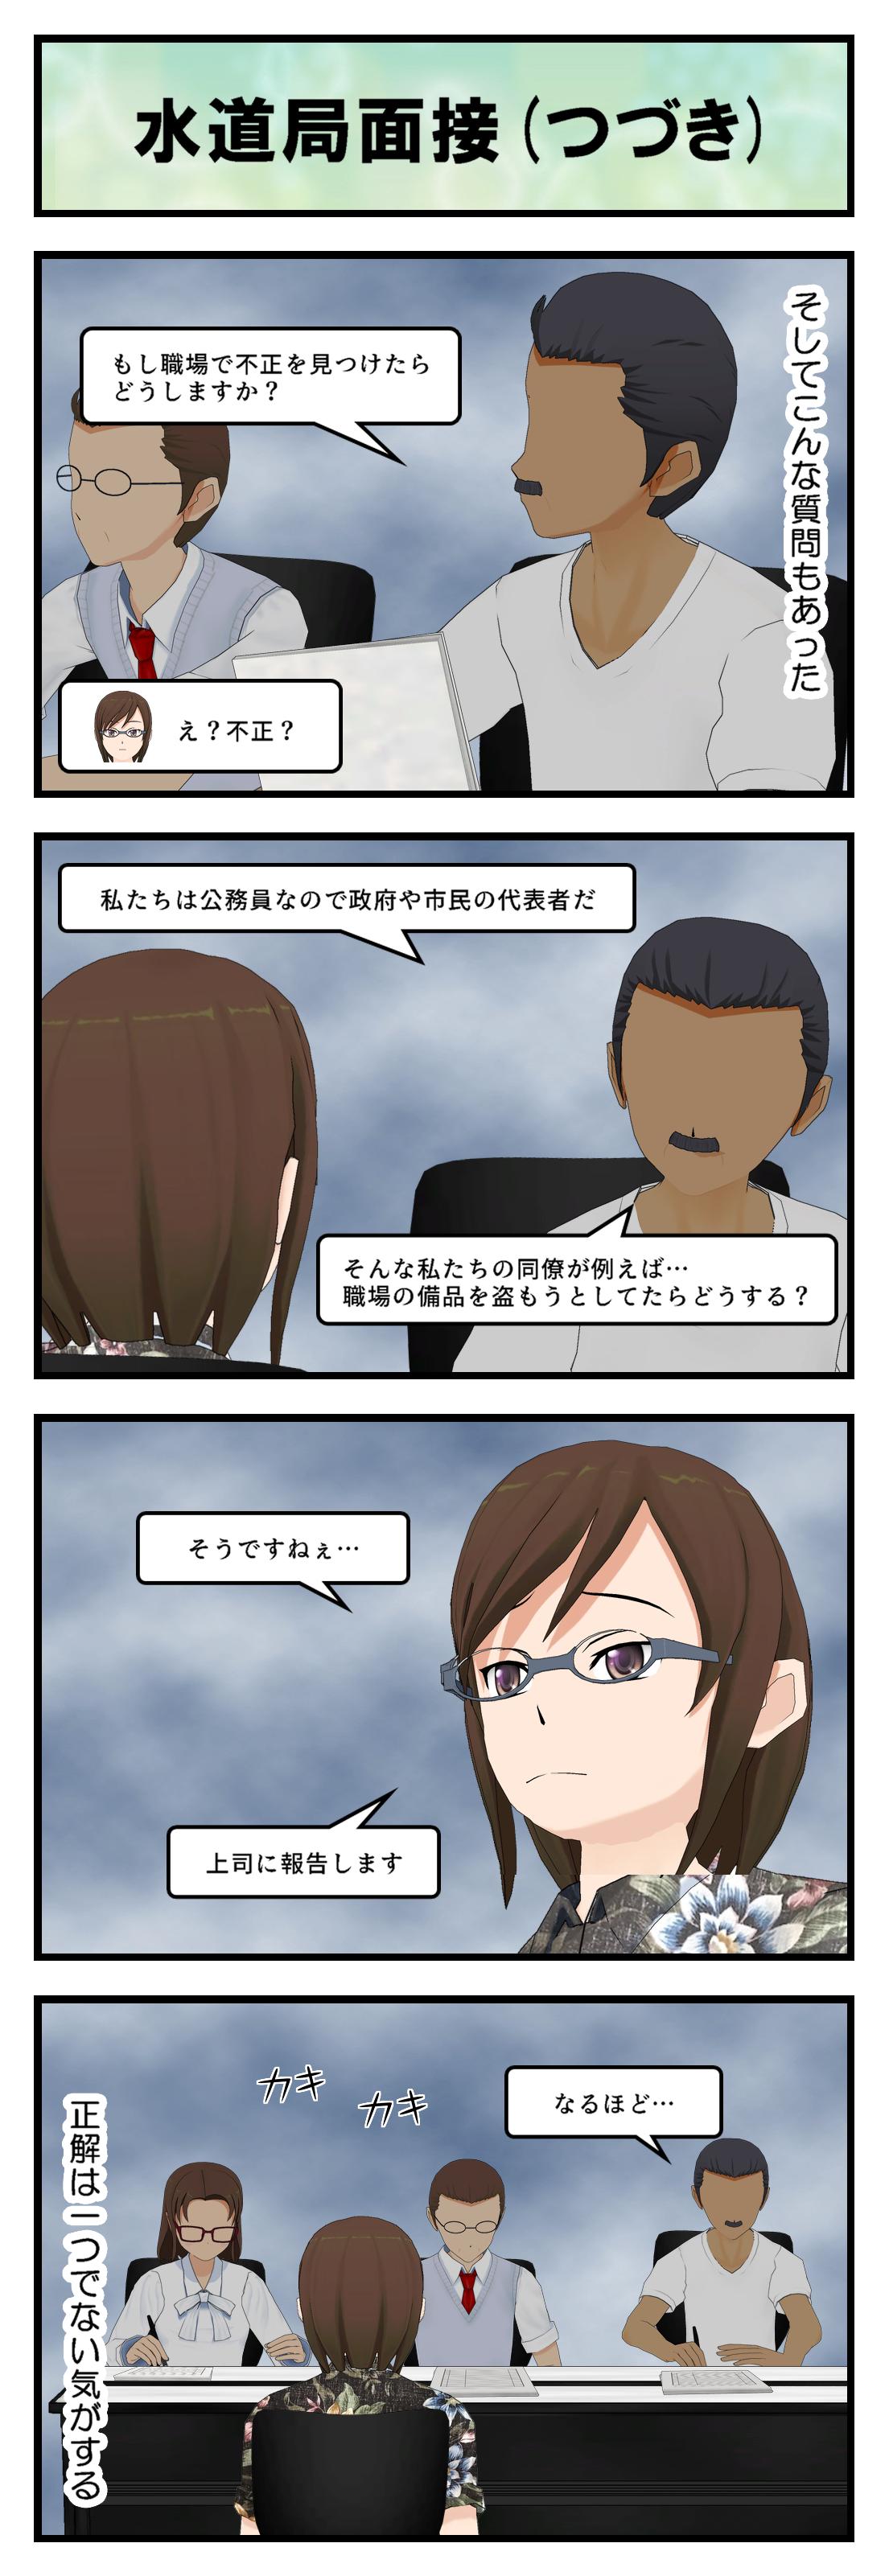 R463_水道局面接4_001